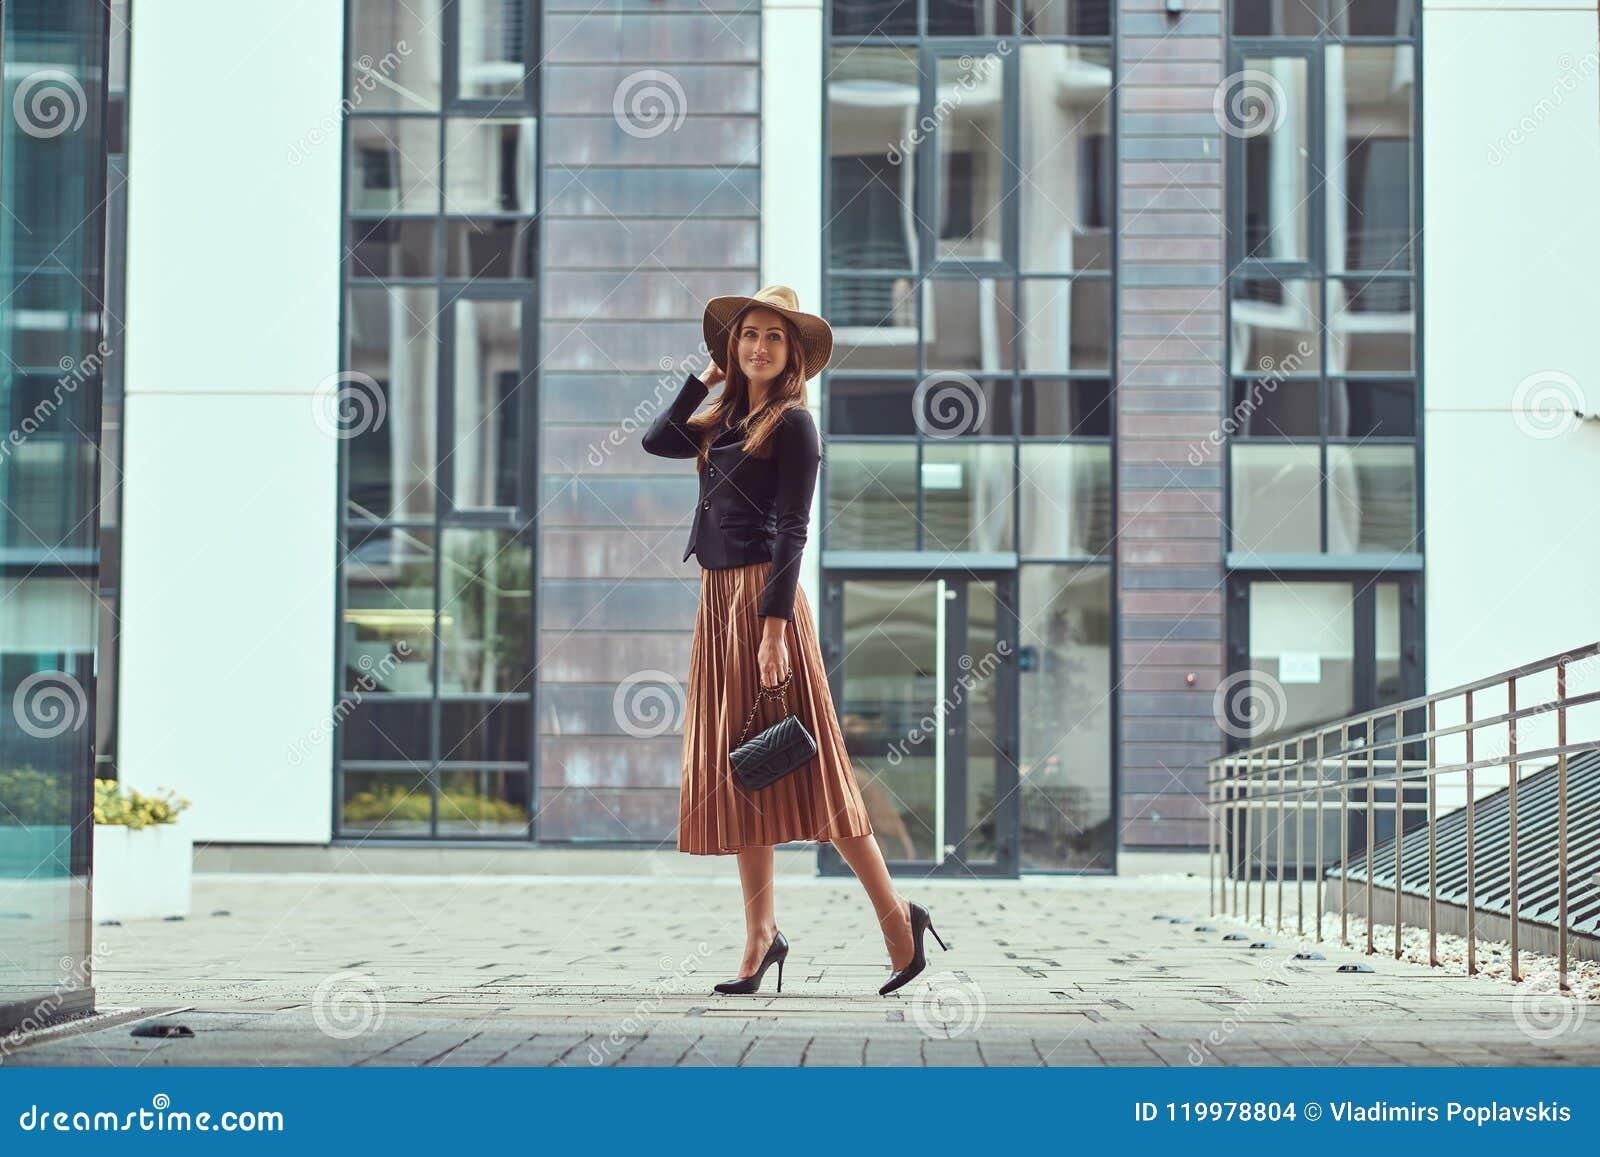 Szczęśliwej mody elegancka kobieta jest ubranym czarną kurtkę, brown kapelusz i spódnica z torebką, trzymamy mocno odprowadzenie